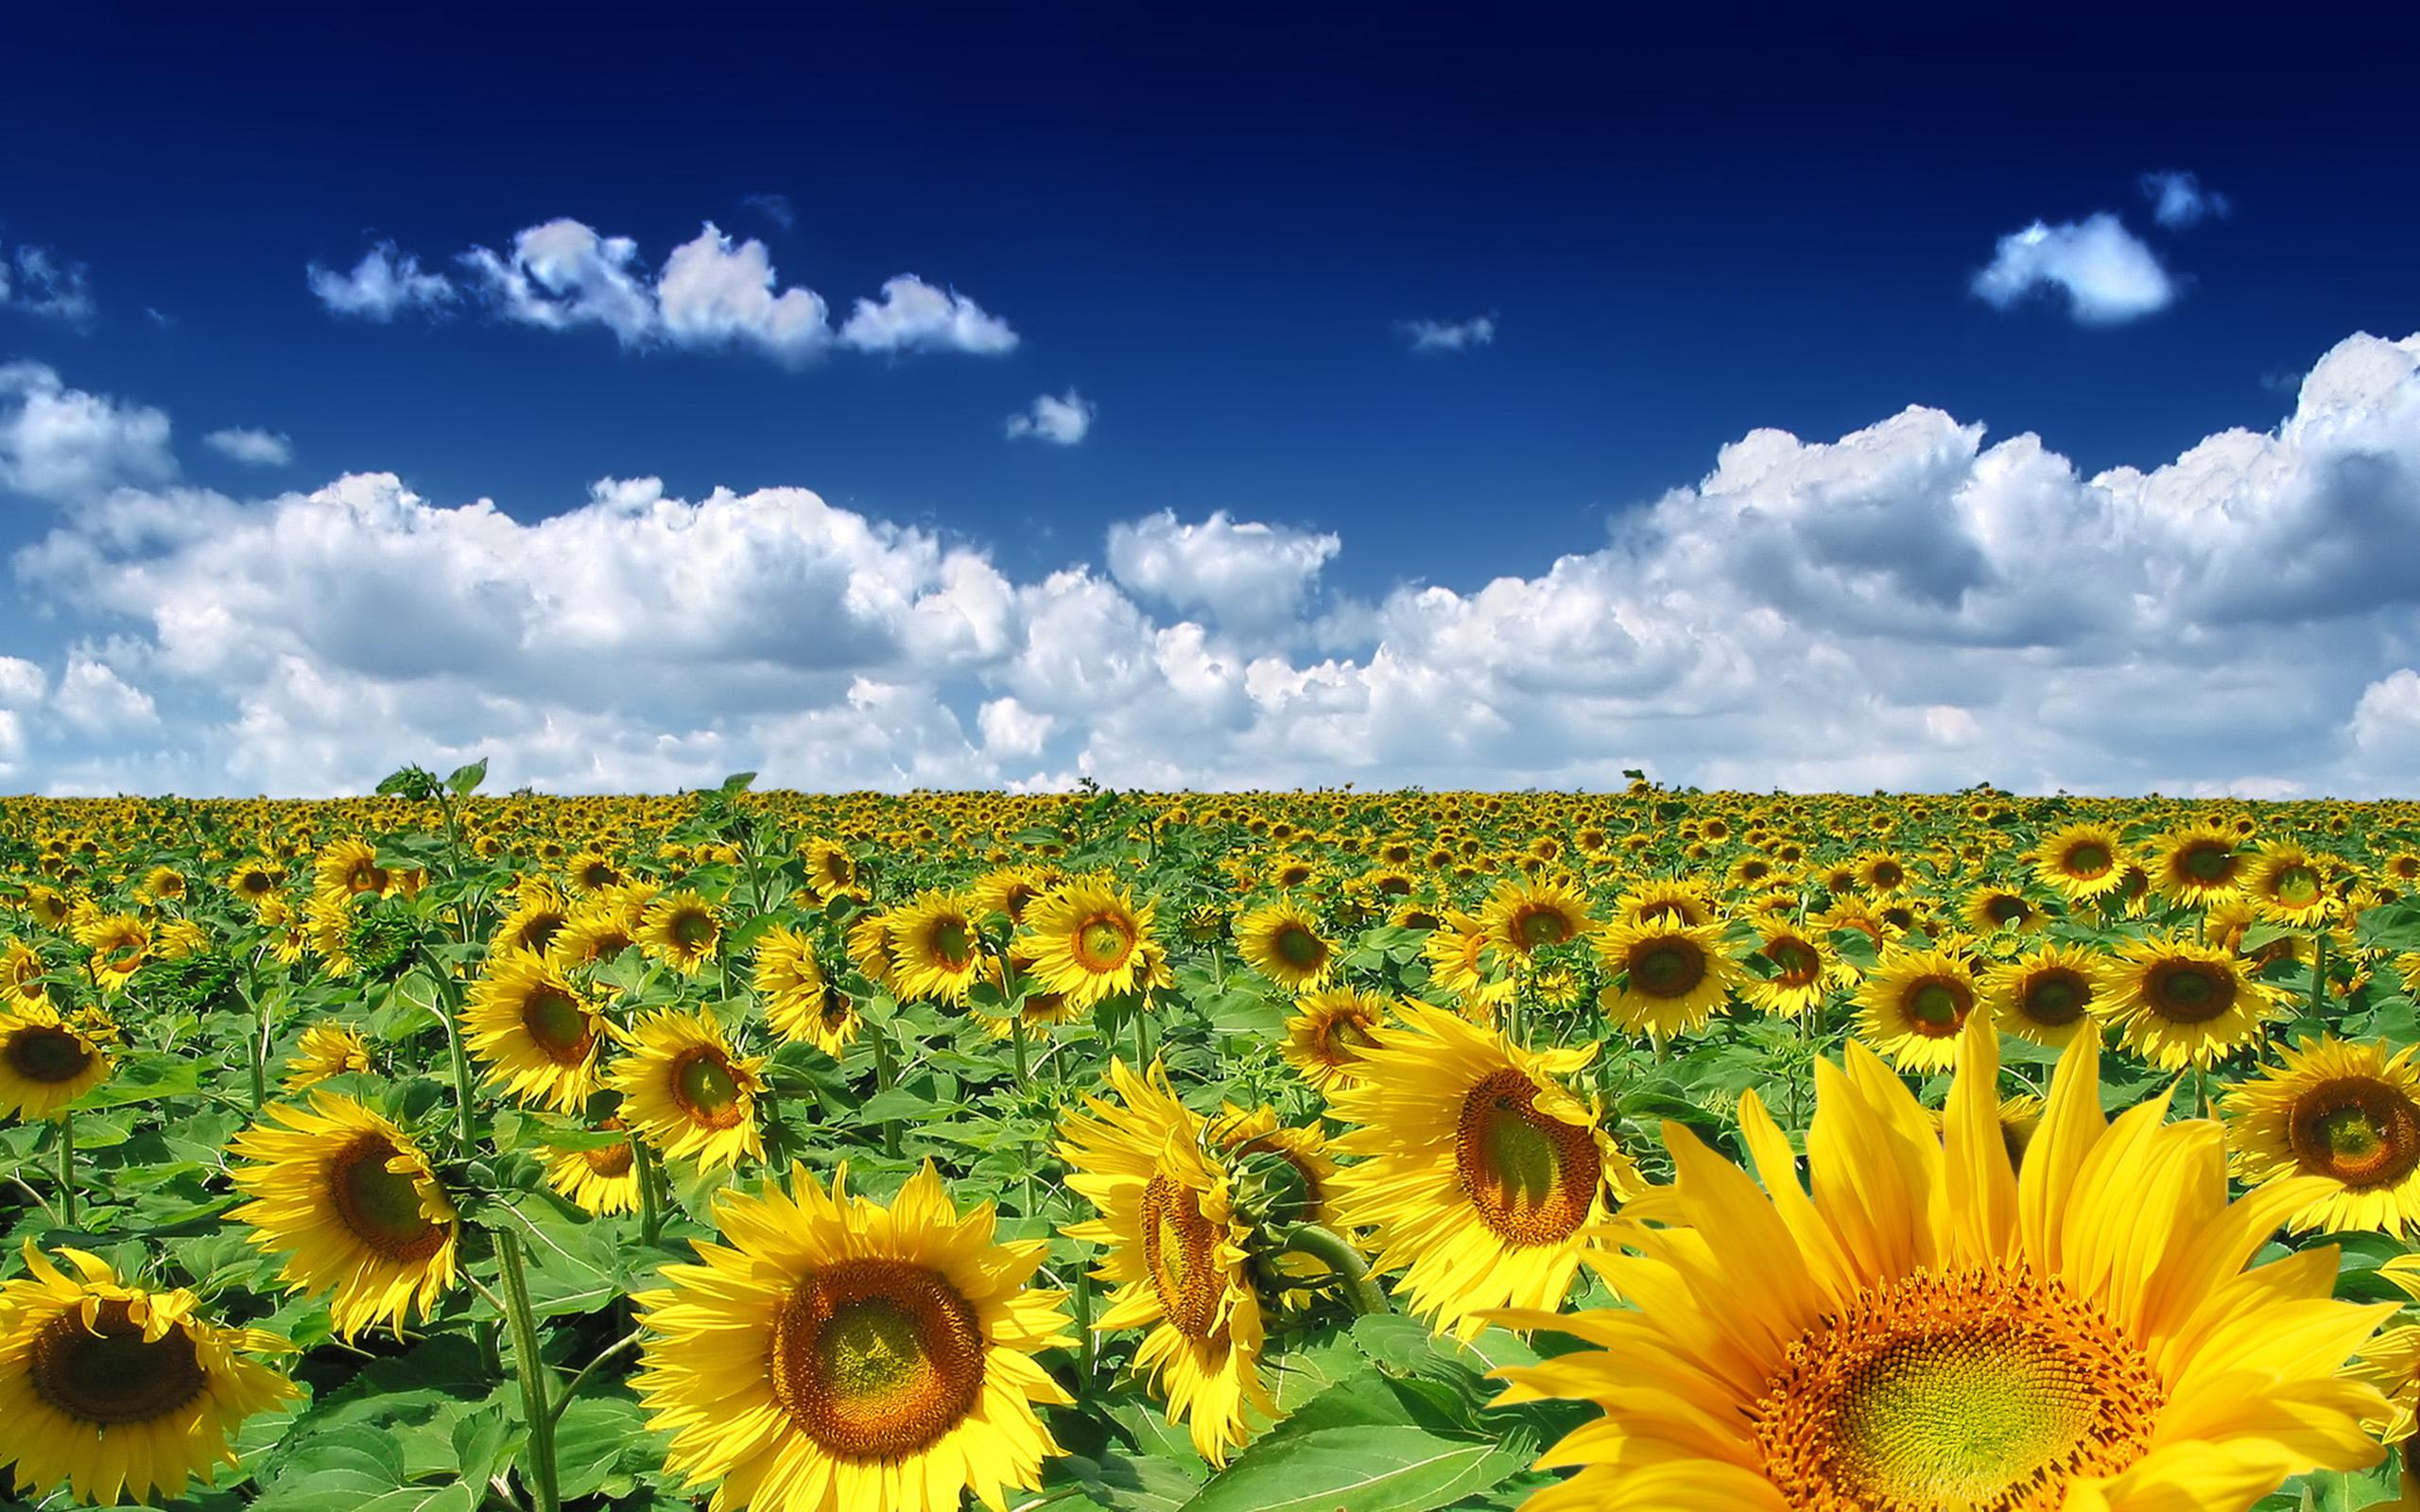 Wallpaper clipart sunflower Sunflower Clipart wallpaper Photography Field